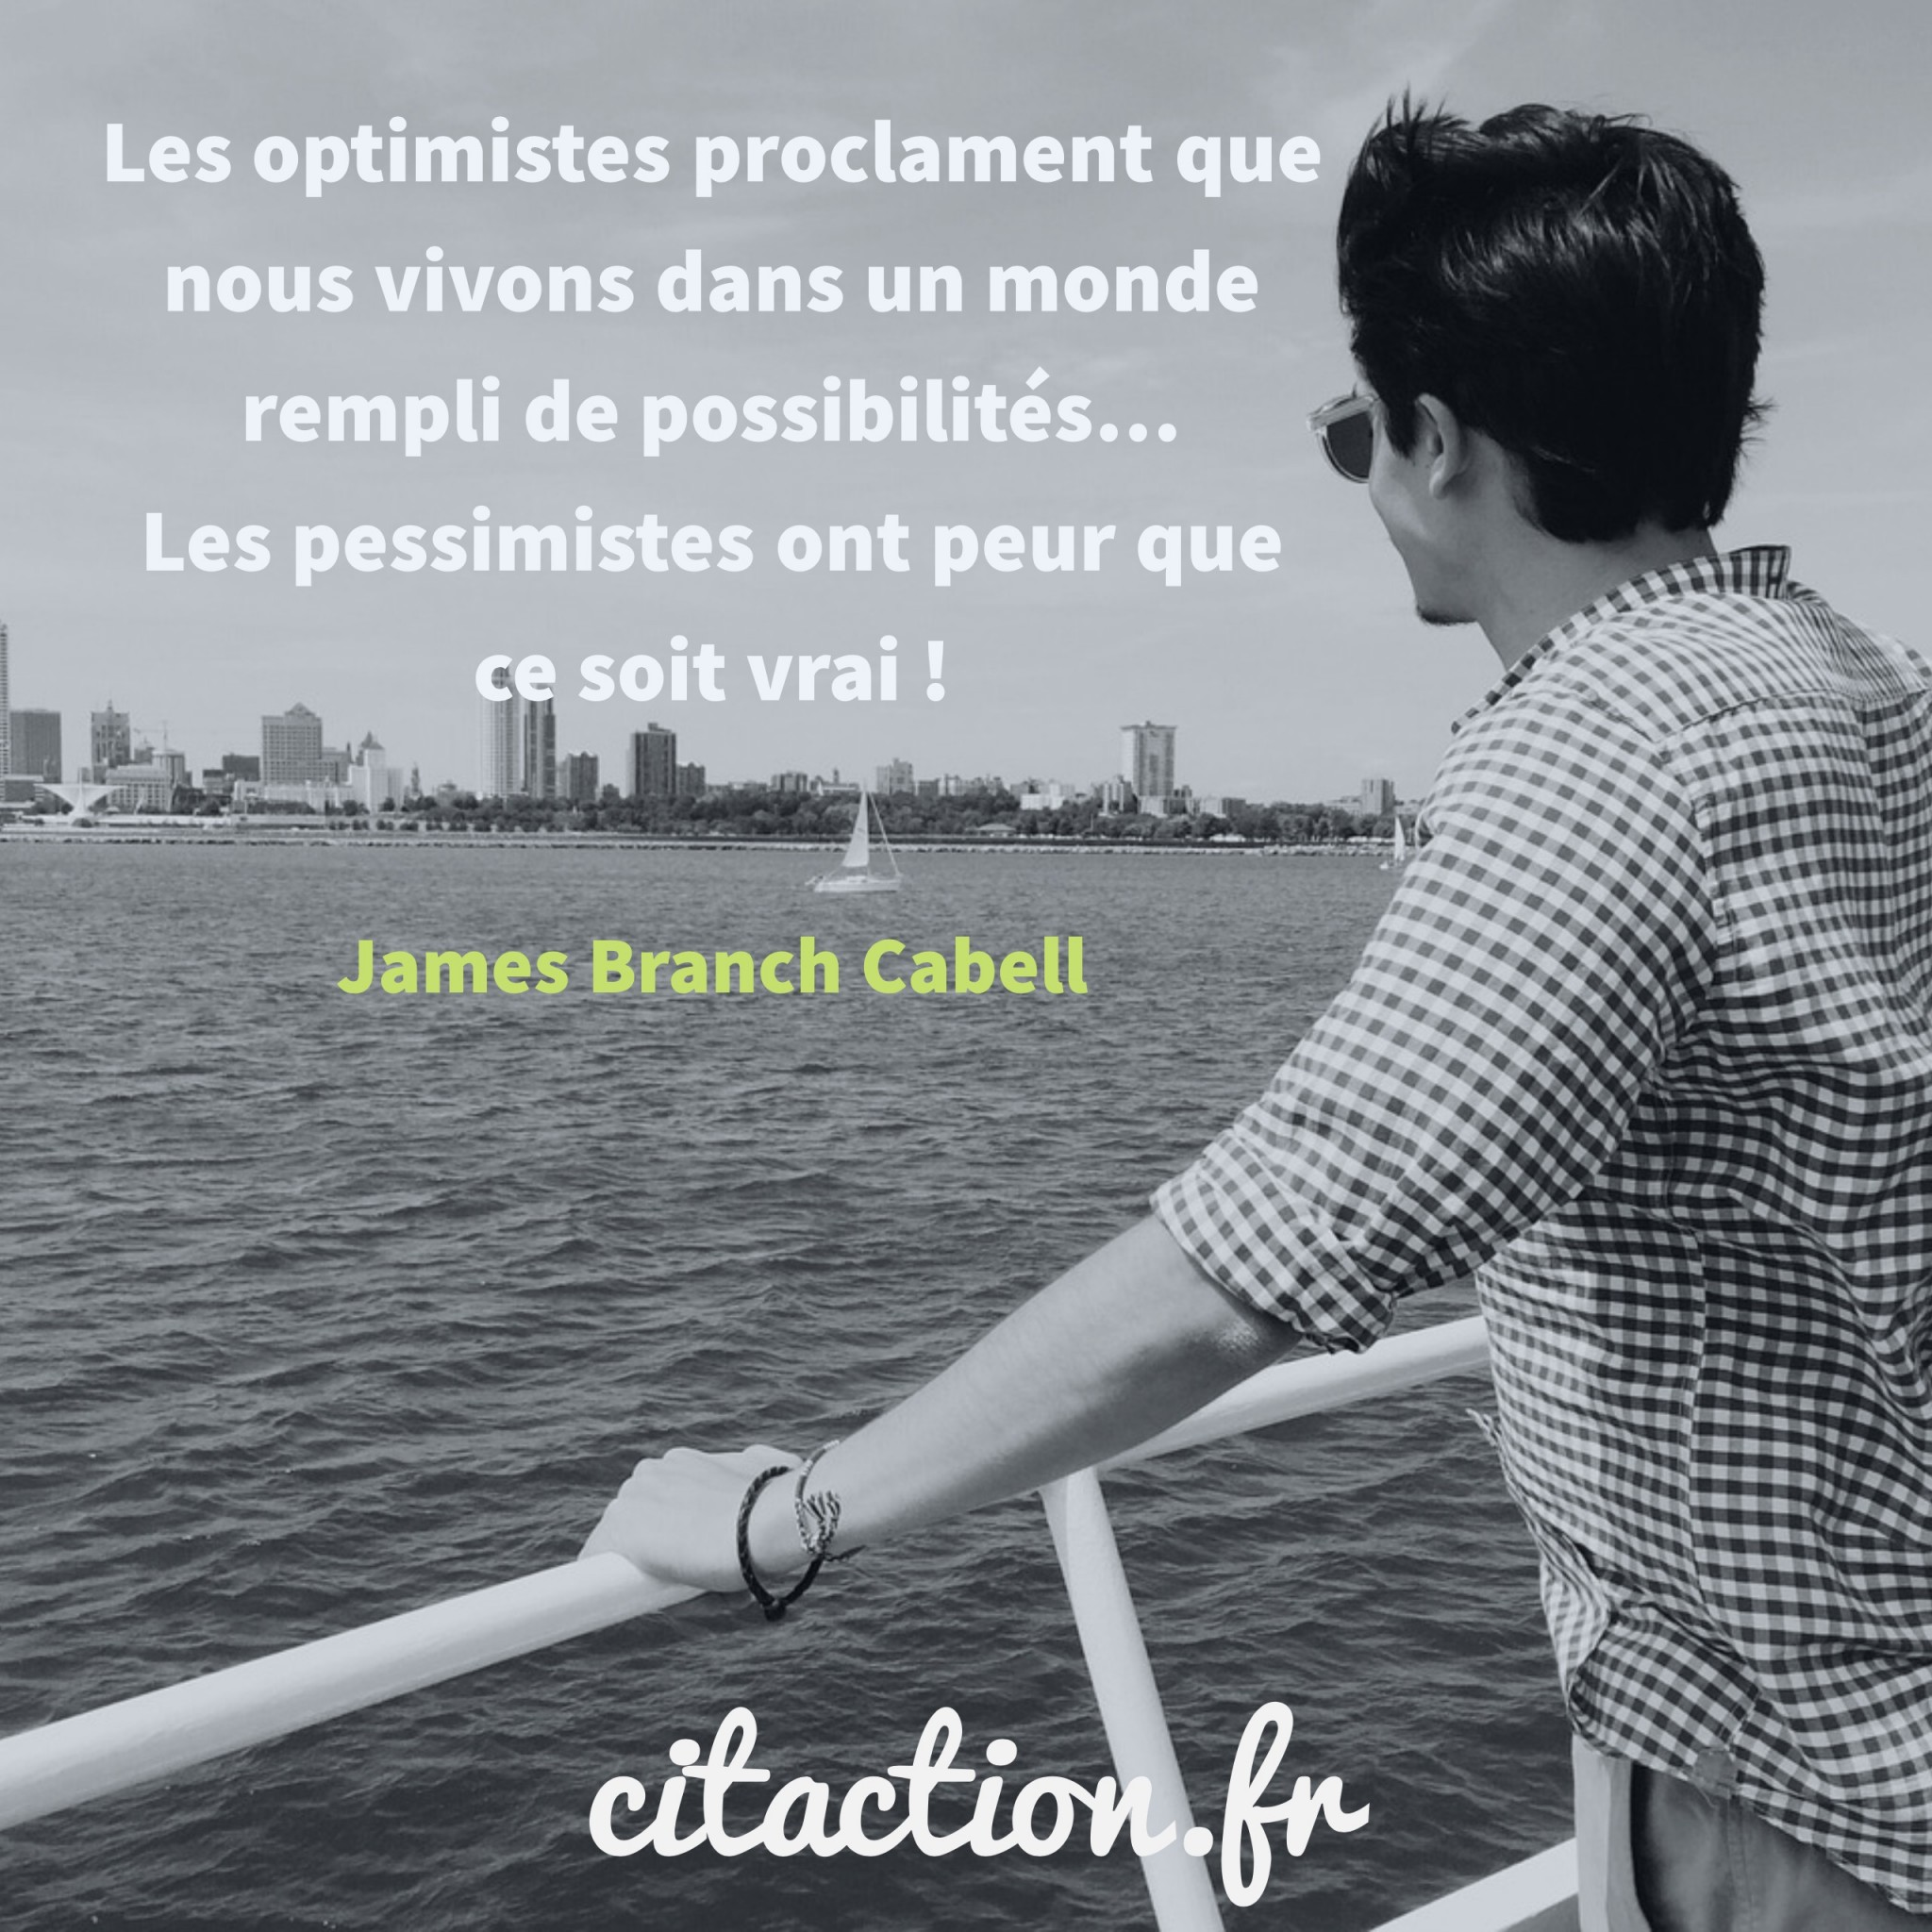 Les optimistes proclament que nous vivons dans un monde rempli de possibilités… Les pessimistes ont peur que ce soit vrai !